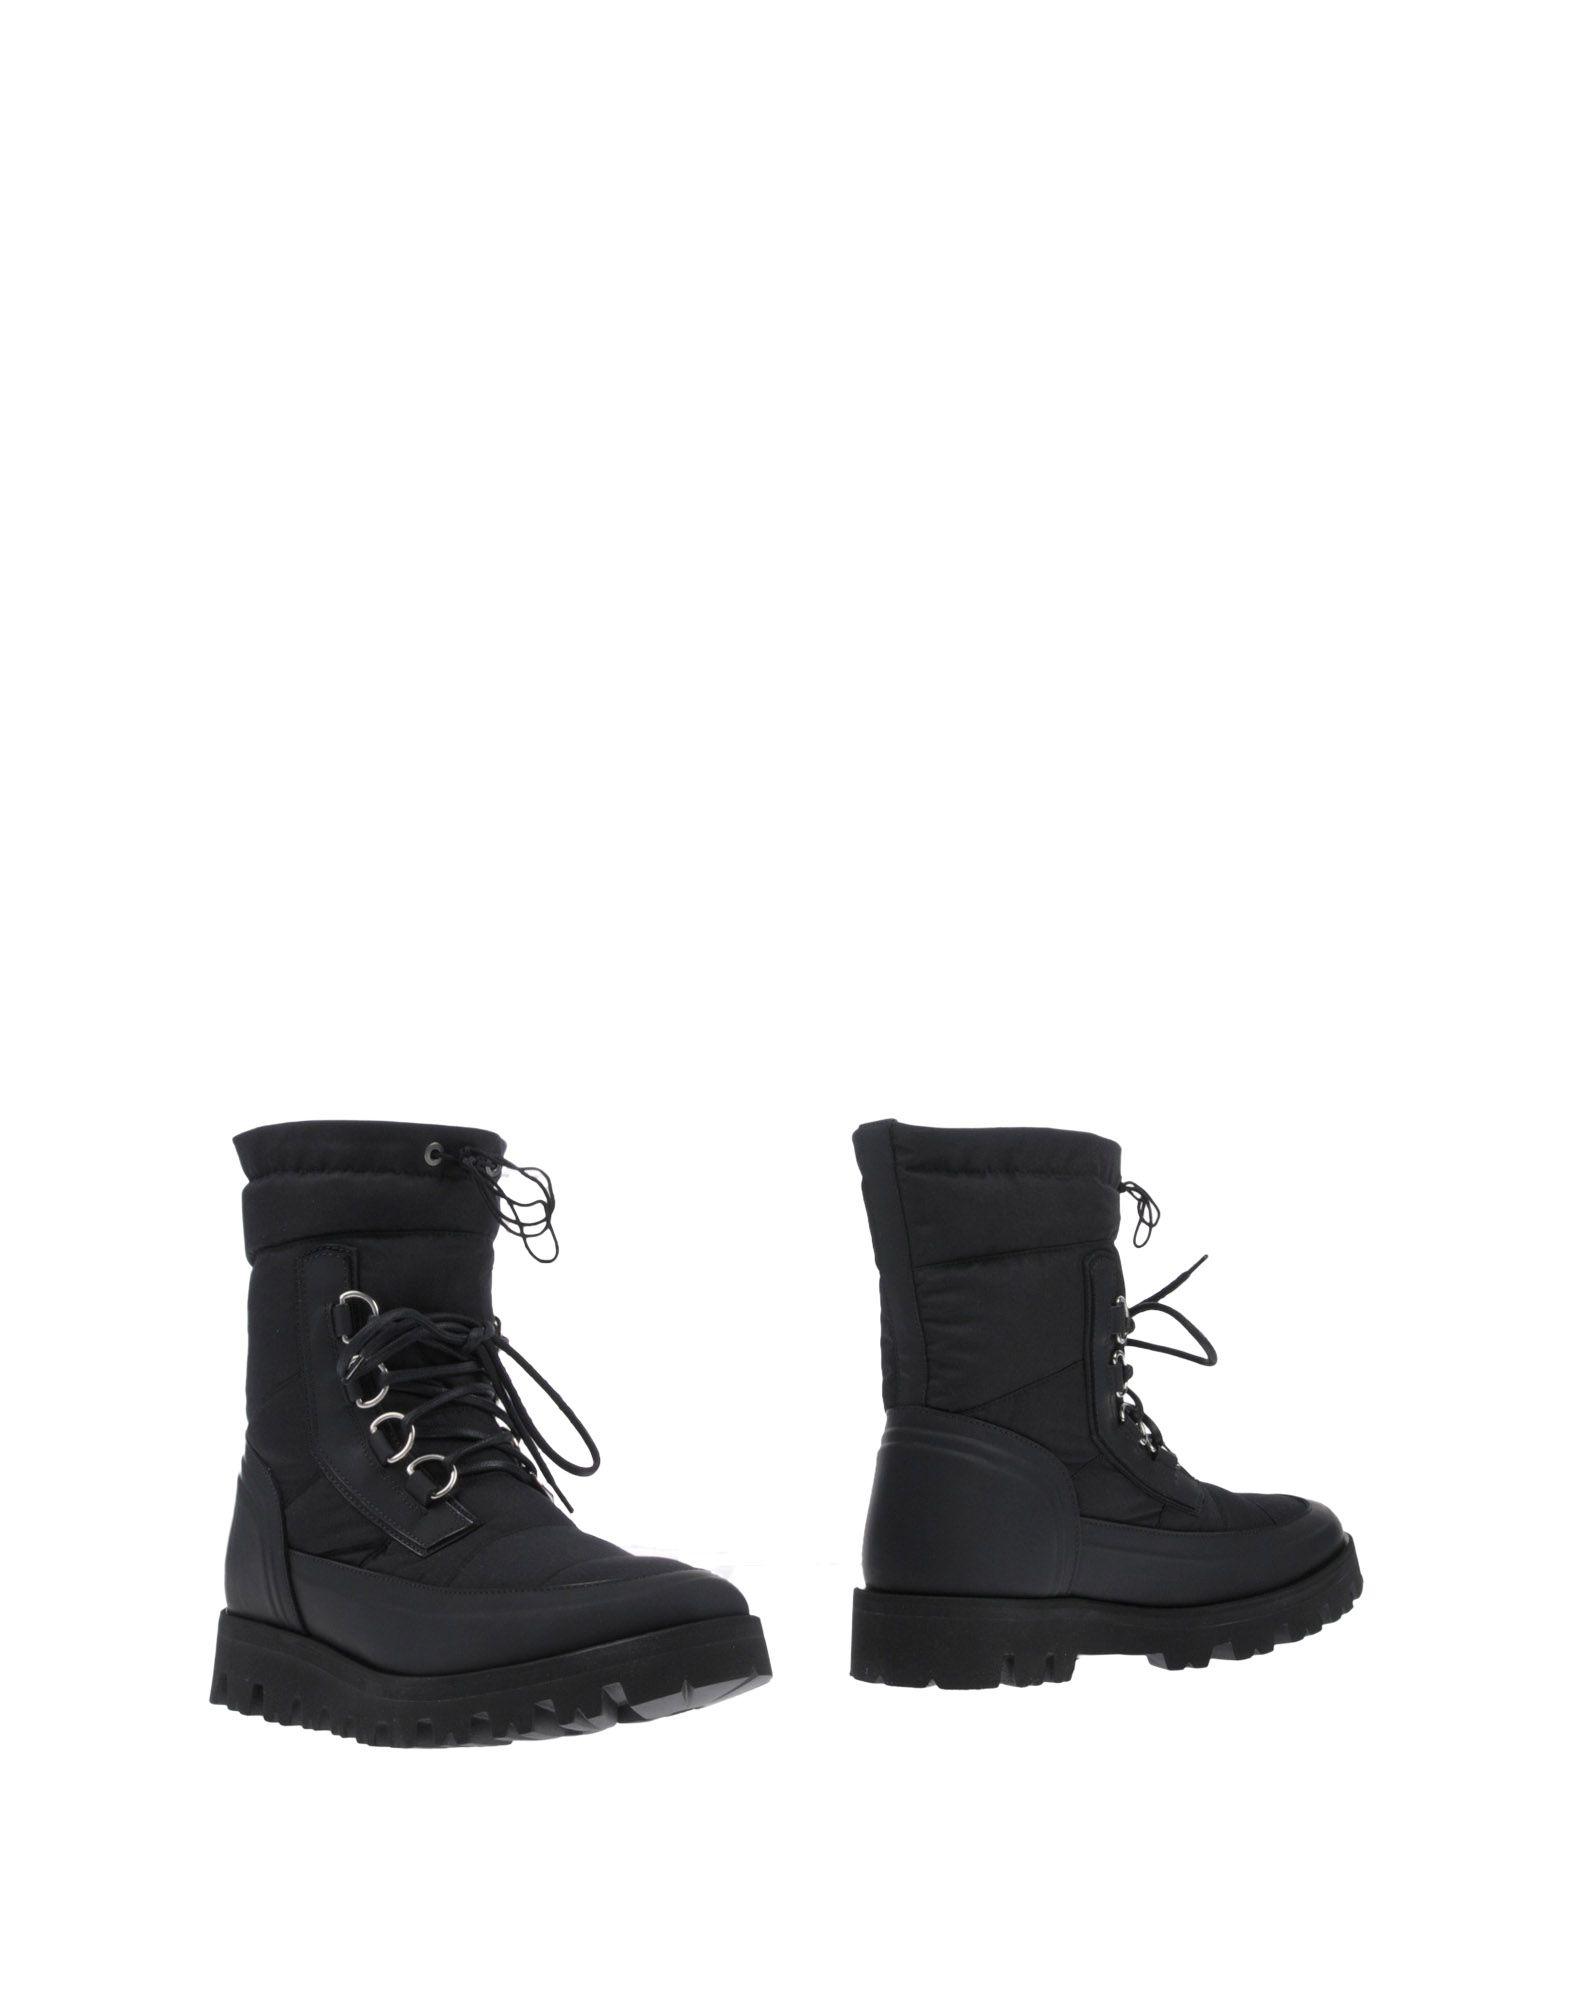 Oamc Stiefelette Herren  beliebte 11457761FJ Gute Qualität beliebte  Schuhe cb4eff